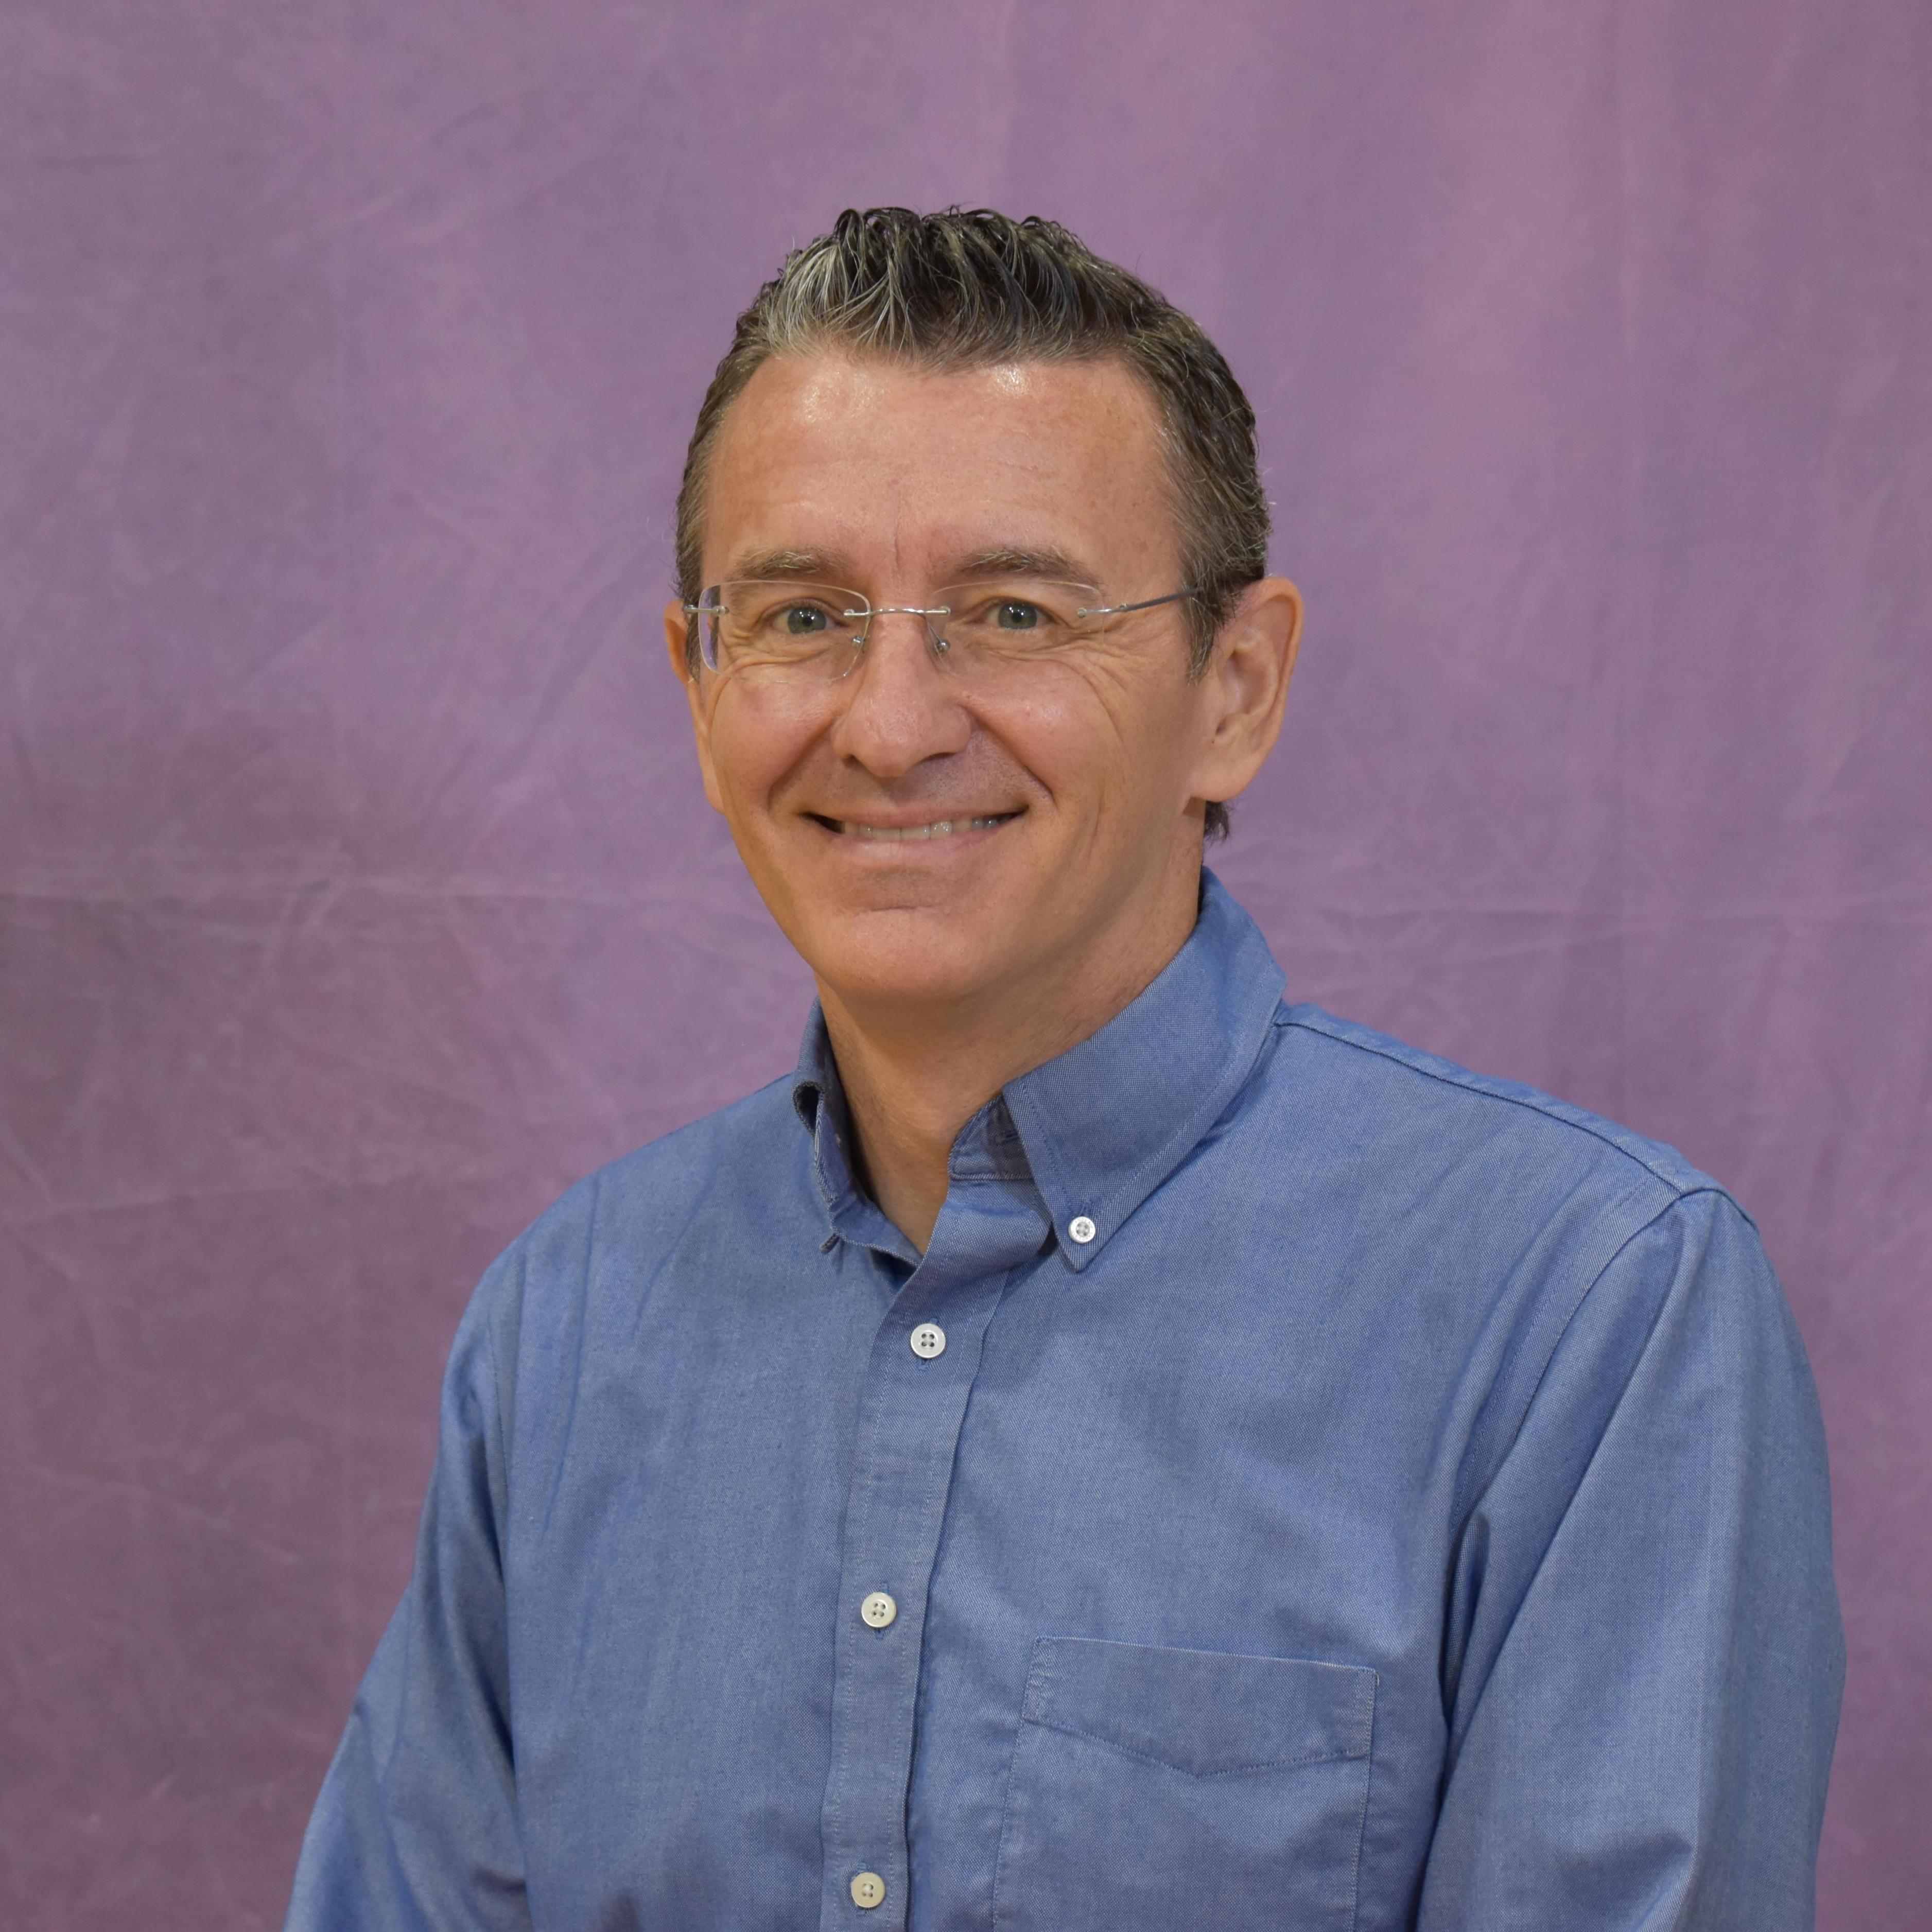 Andrew Ingram's Profile Photo